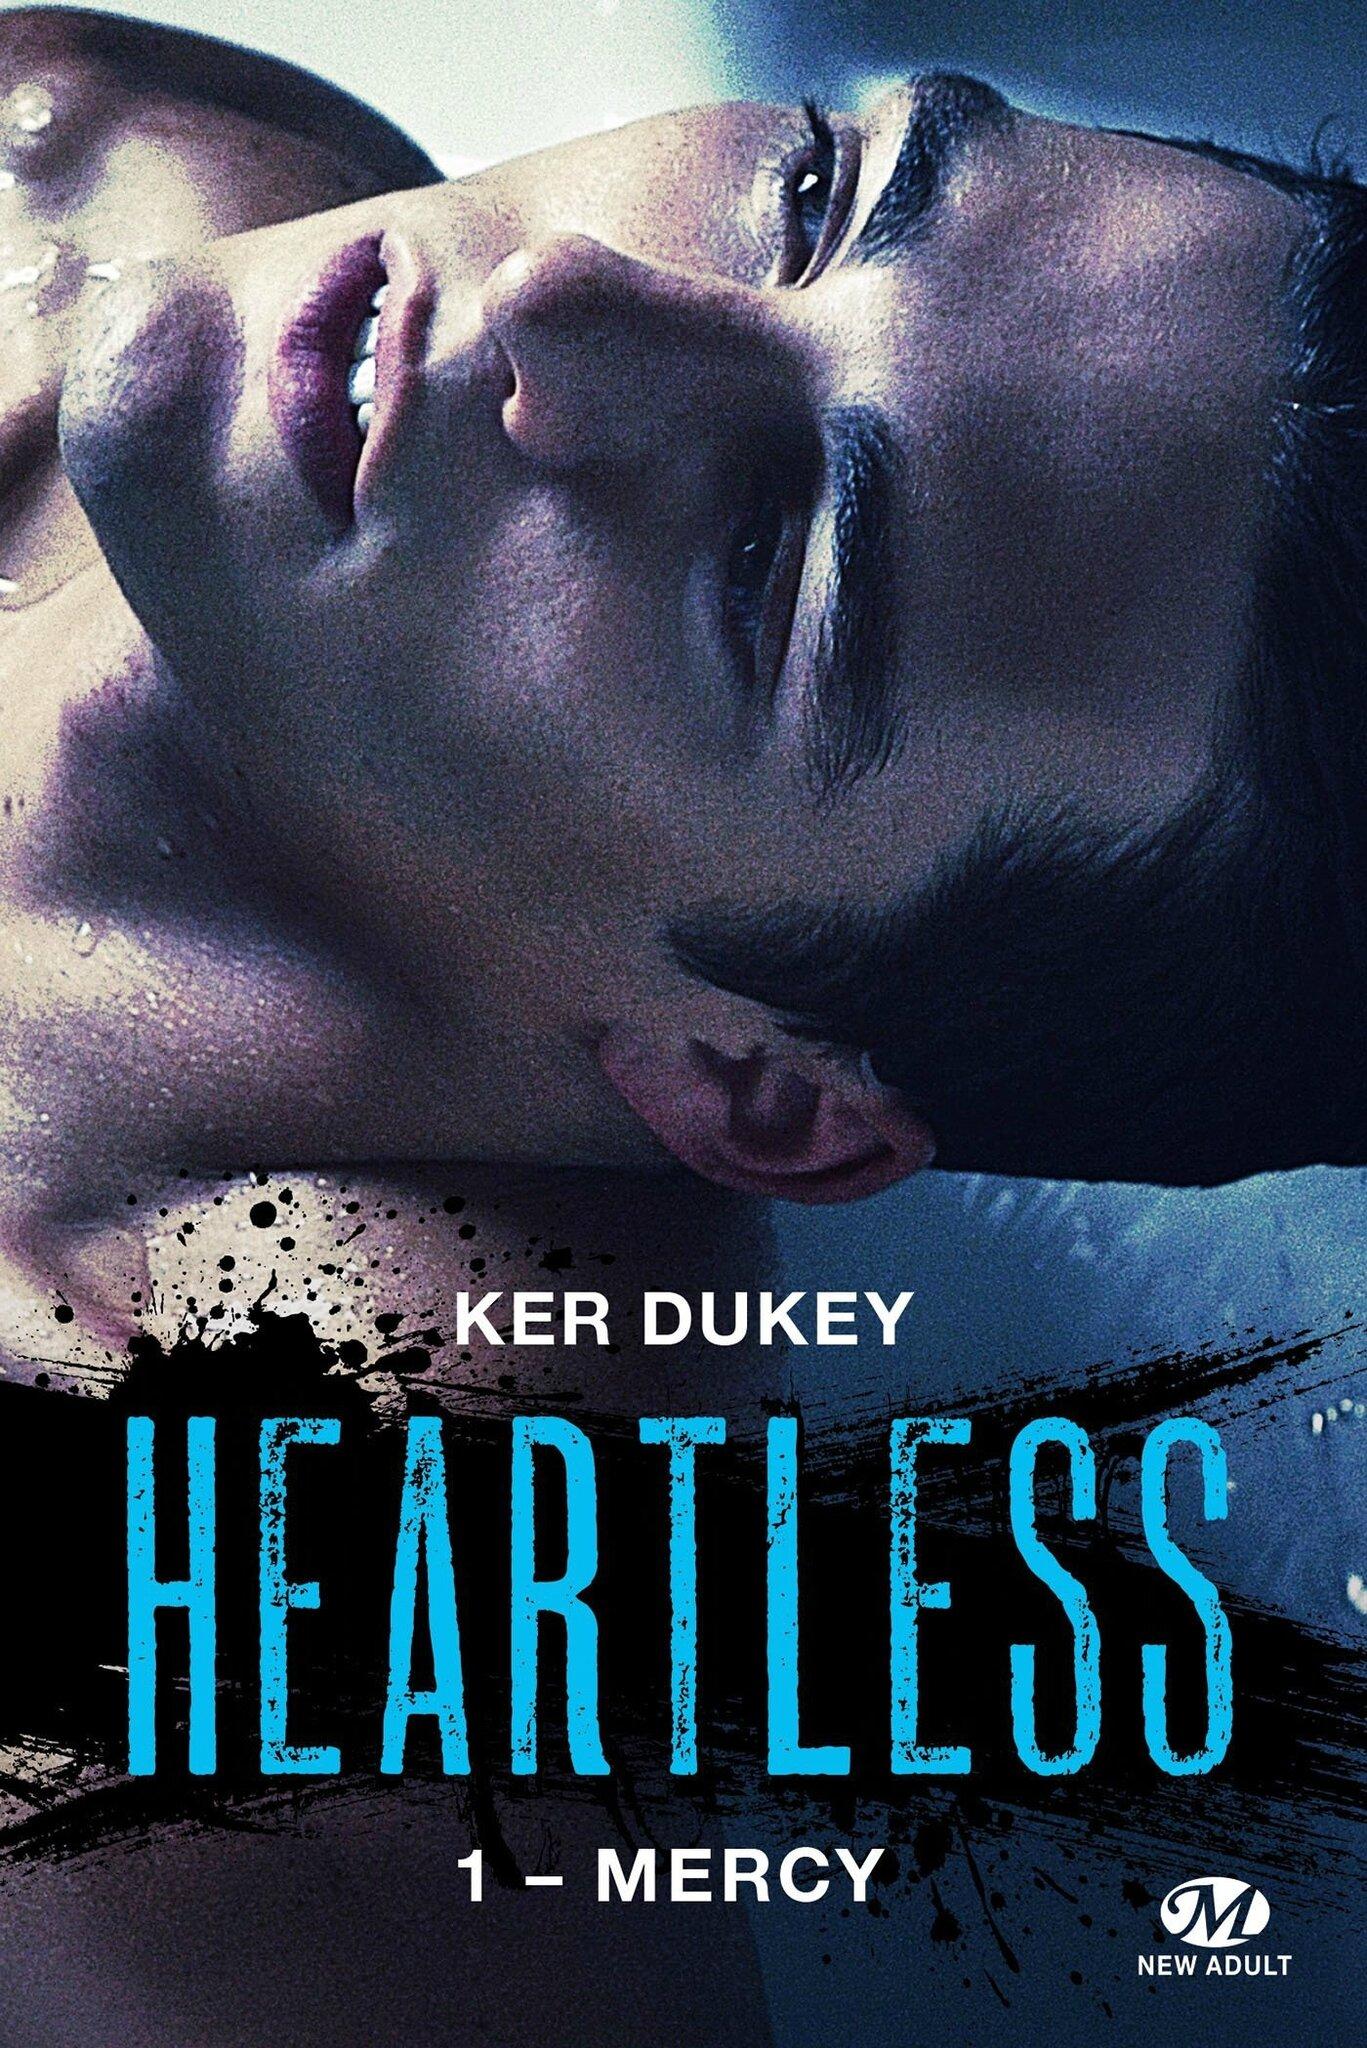 RESULTATS CONCOURS : 2 exemplaires de Heartless 1 de Ker Dukey à gagner